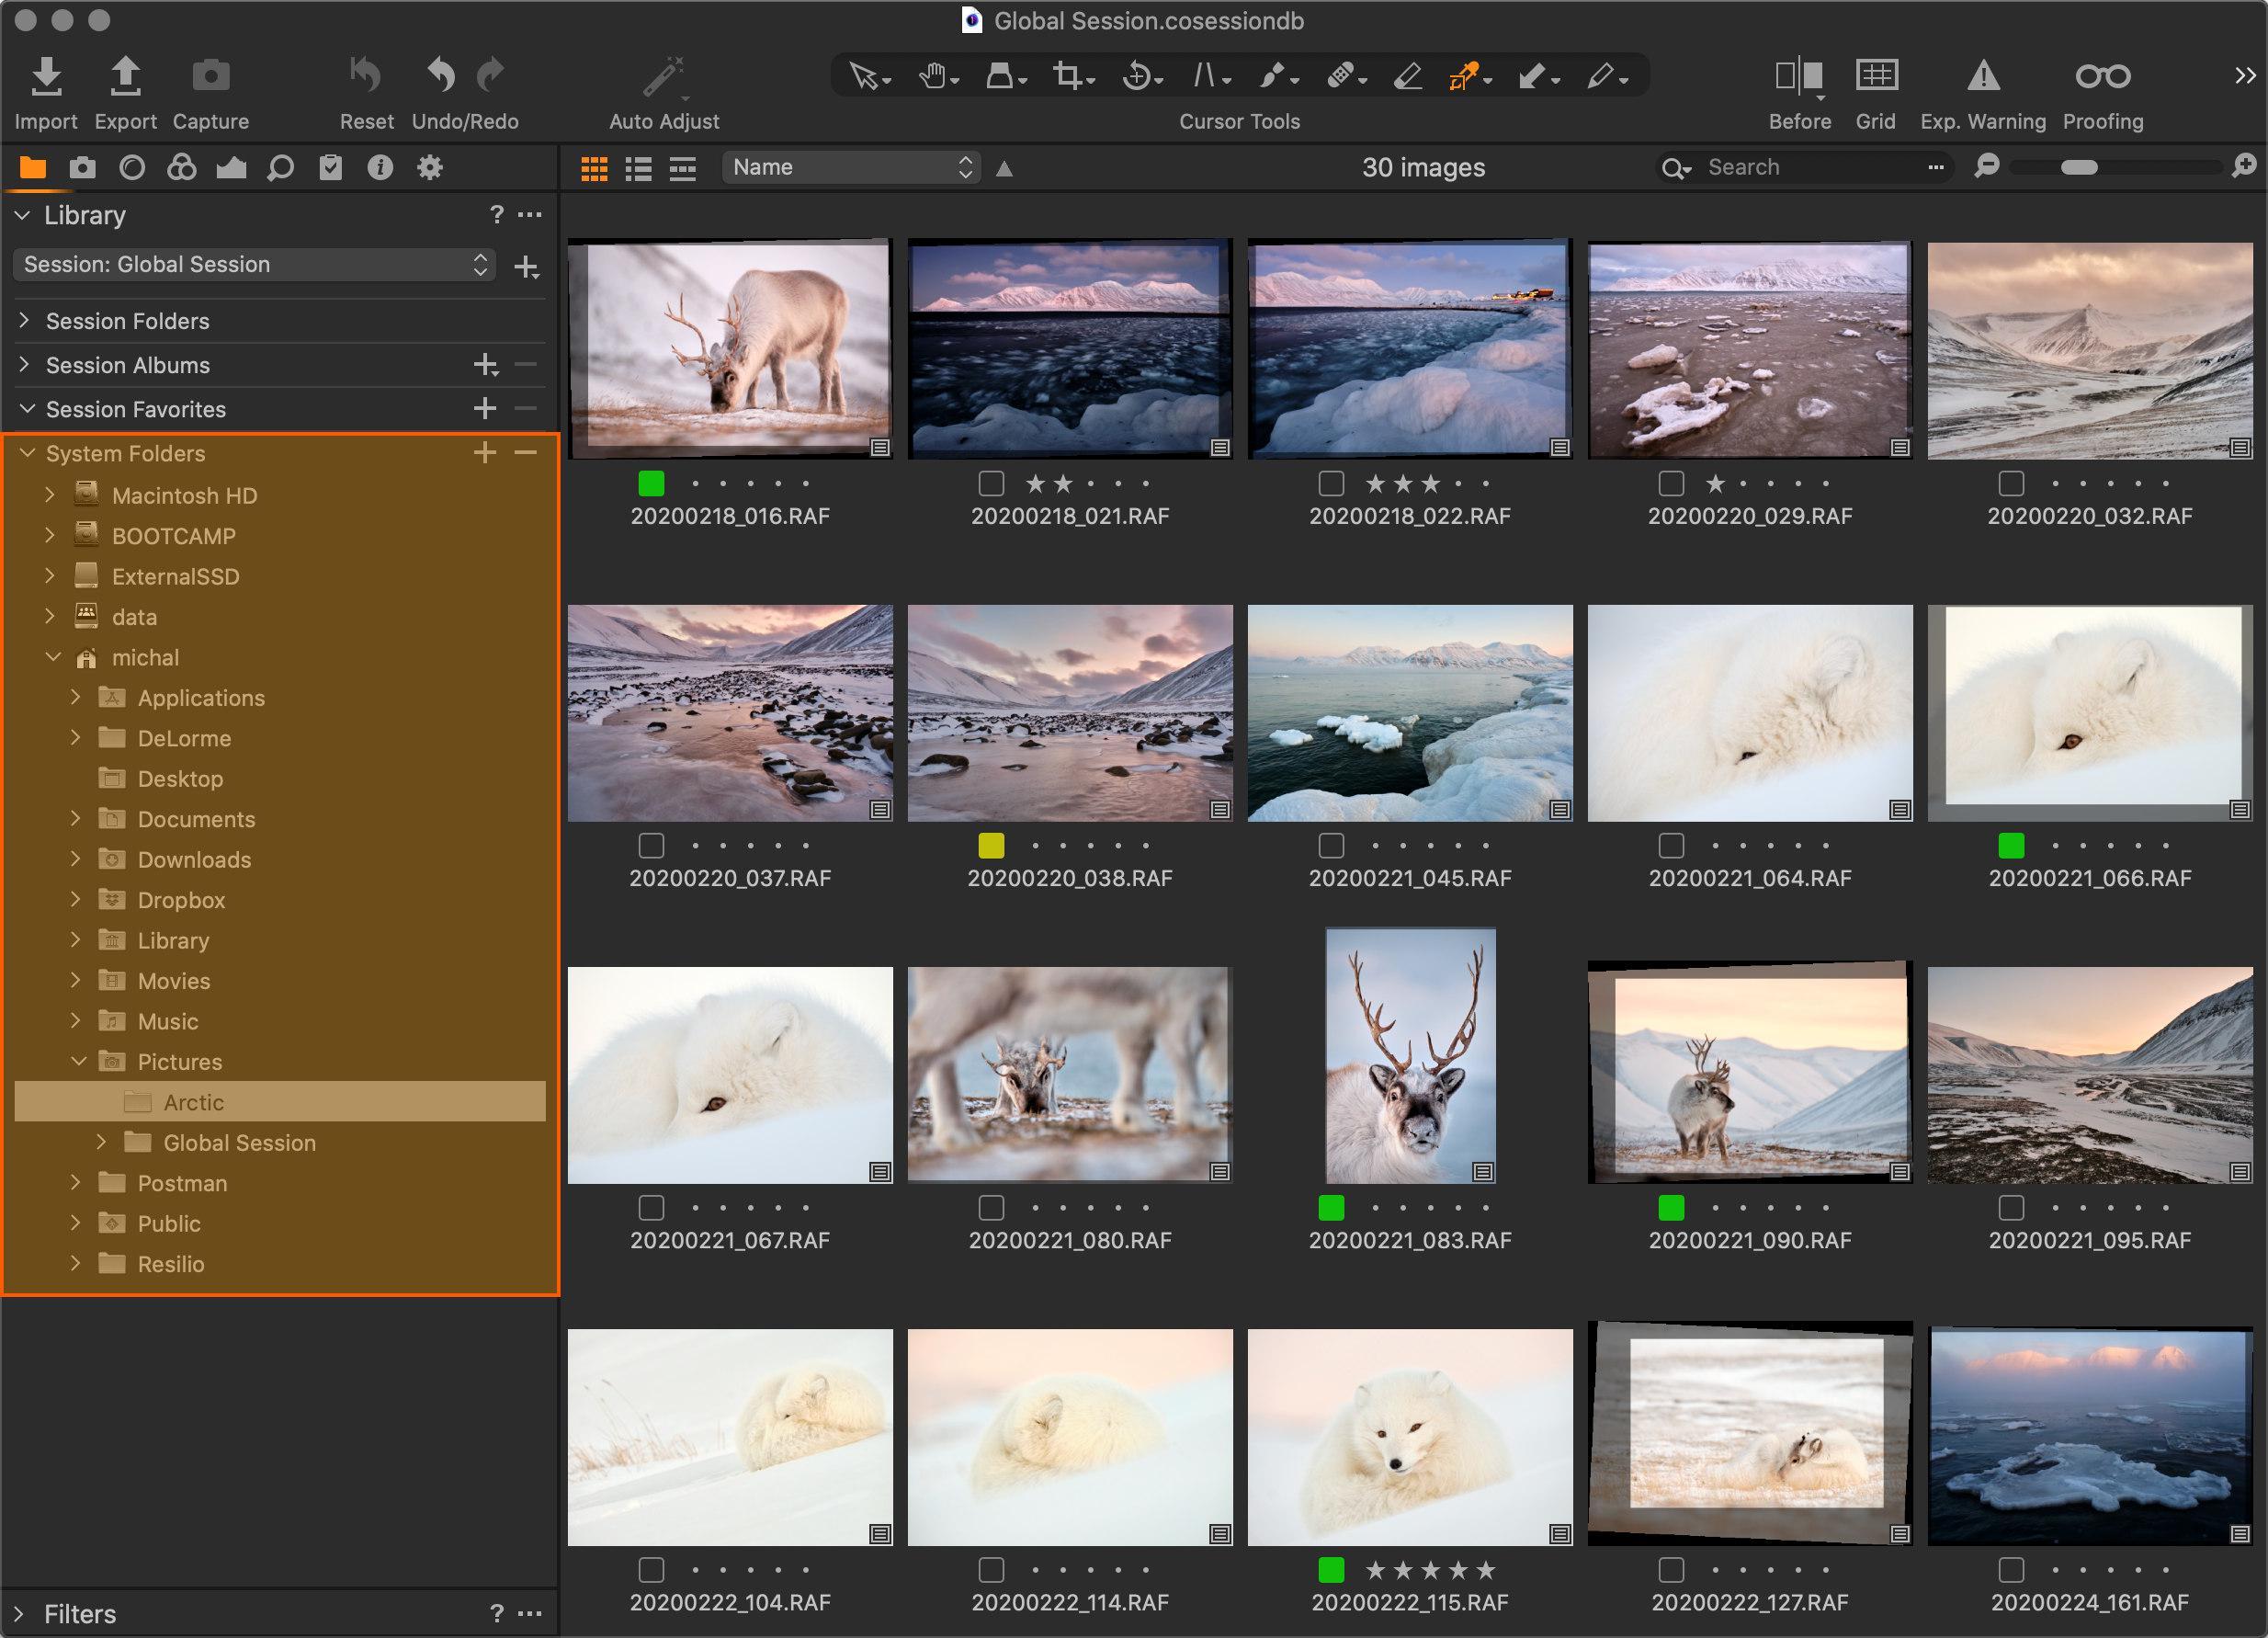 K libovolné fotografii na disku se dostanete procházením v sekci System Folders palety Library